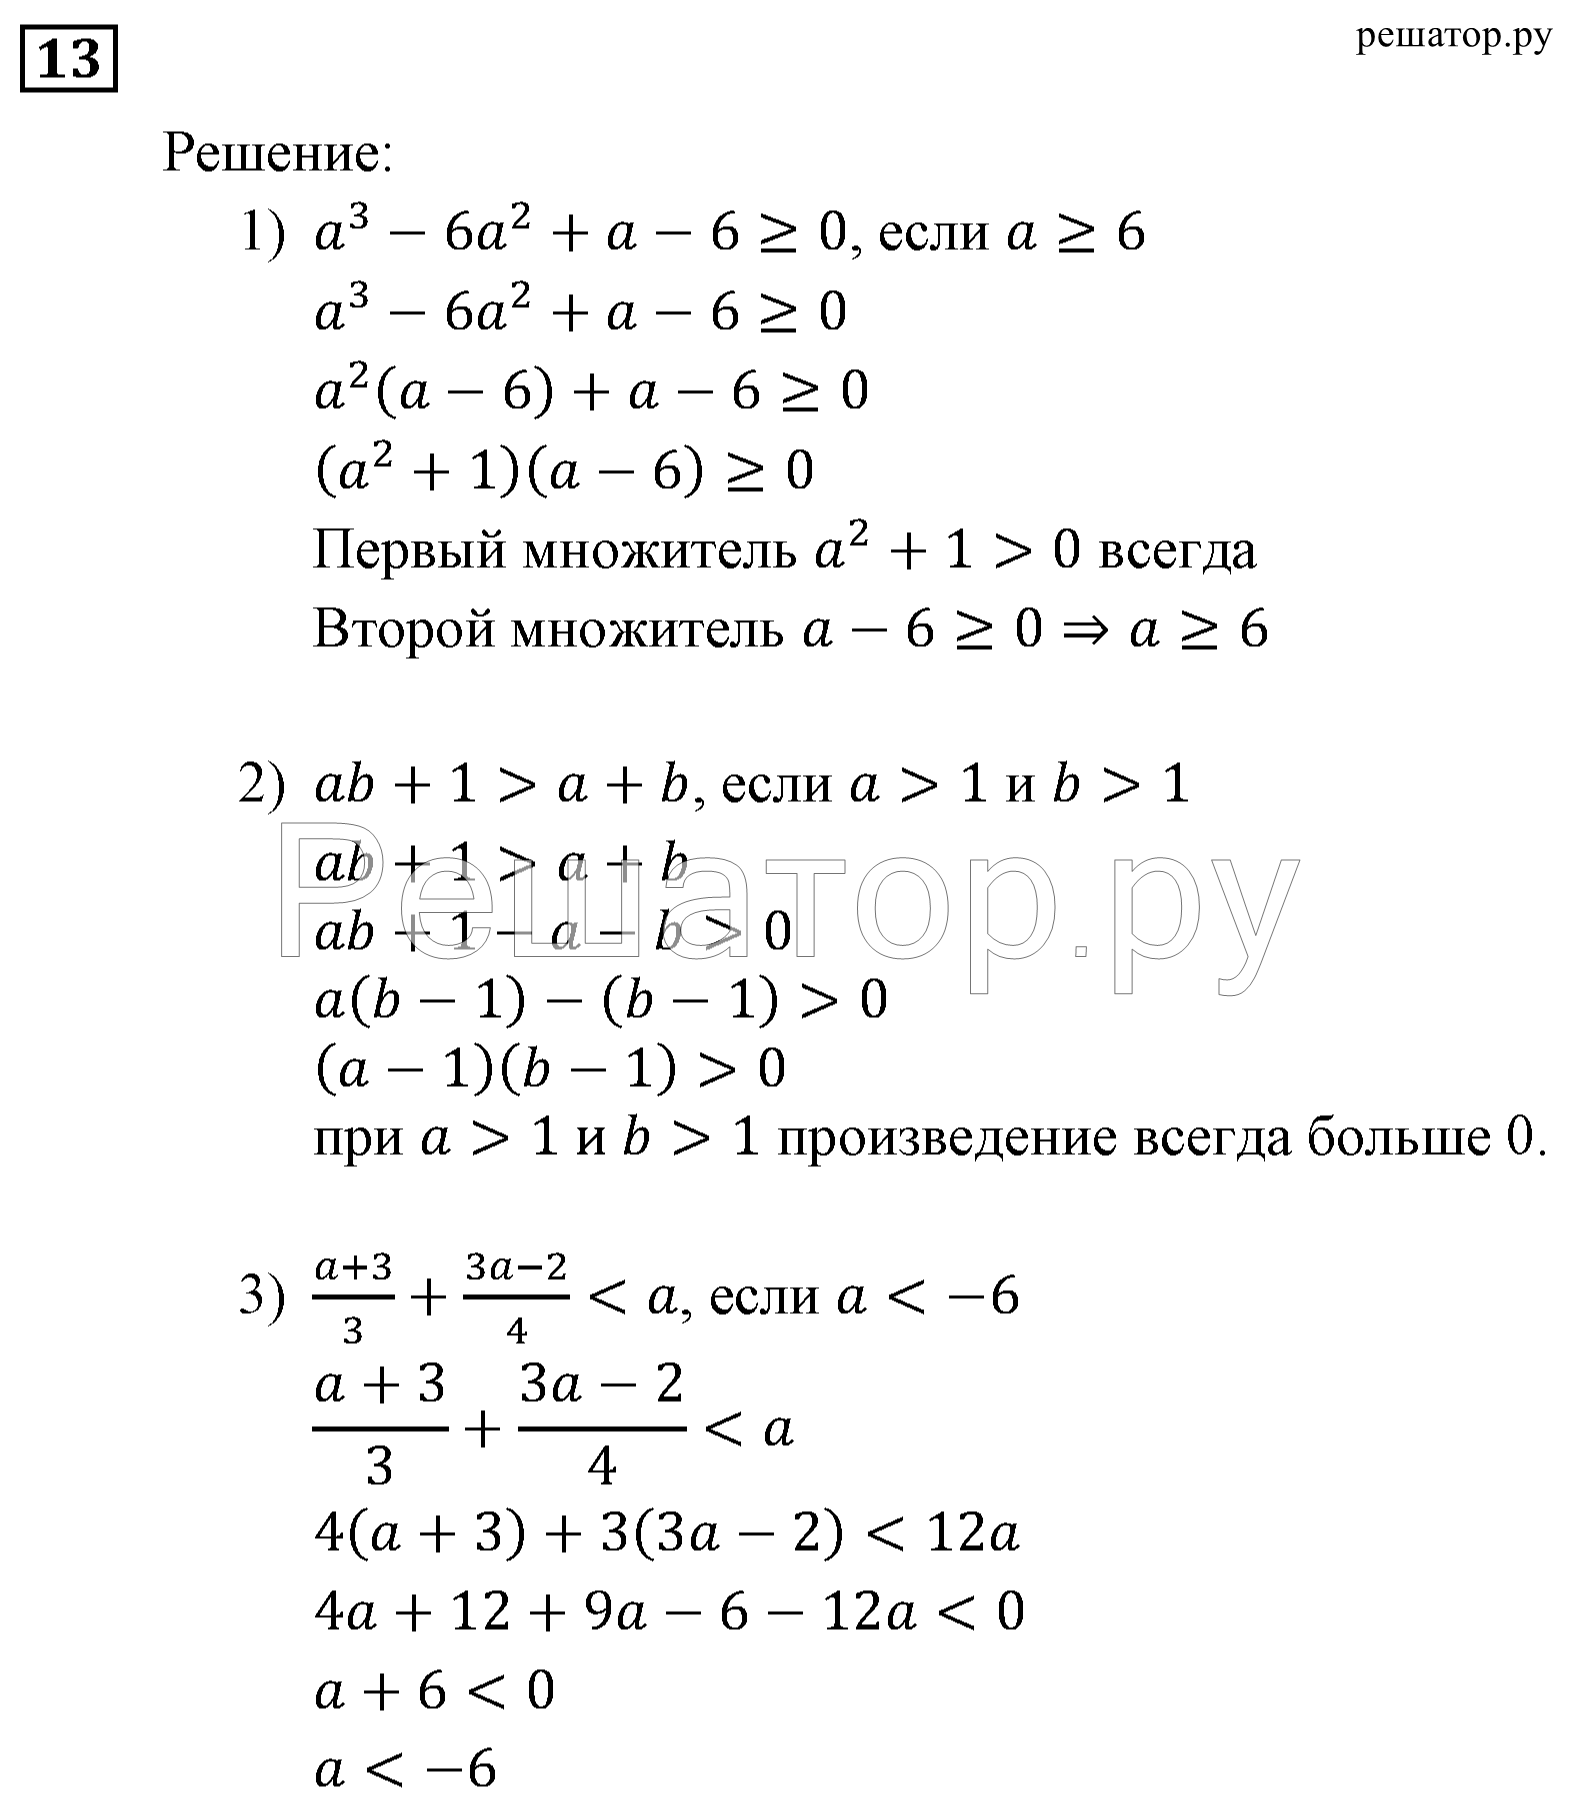 Решебник Алгебра 9 Класс Полонский Мерзляк И Якир